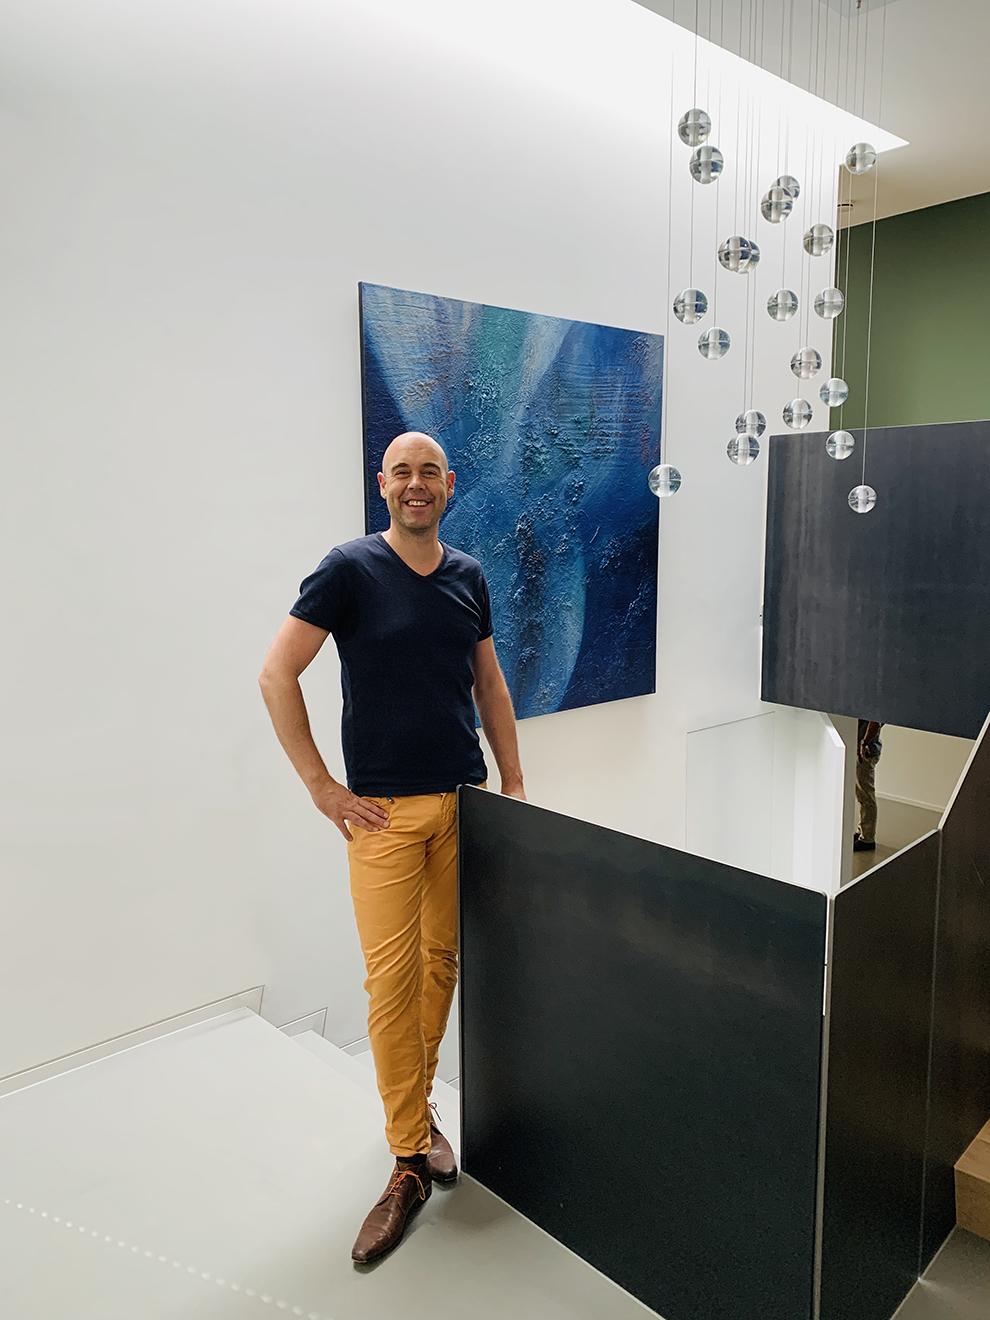 masterpiece Eelko van Iersel schilderij blauw spiritueel onderwaterwereld ocean oceaan zee lichtwerk kunstschilder groot formaat grote schilderijen abstract te koop expressief